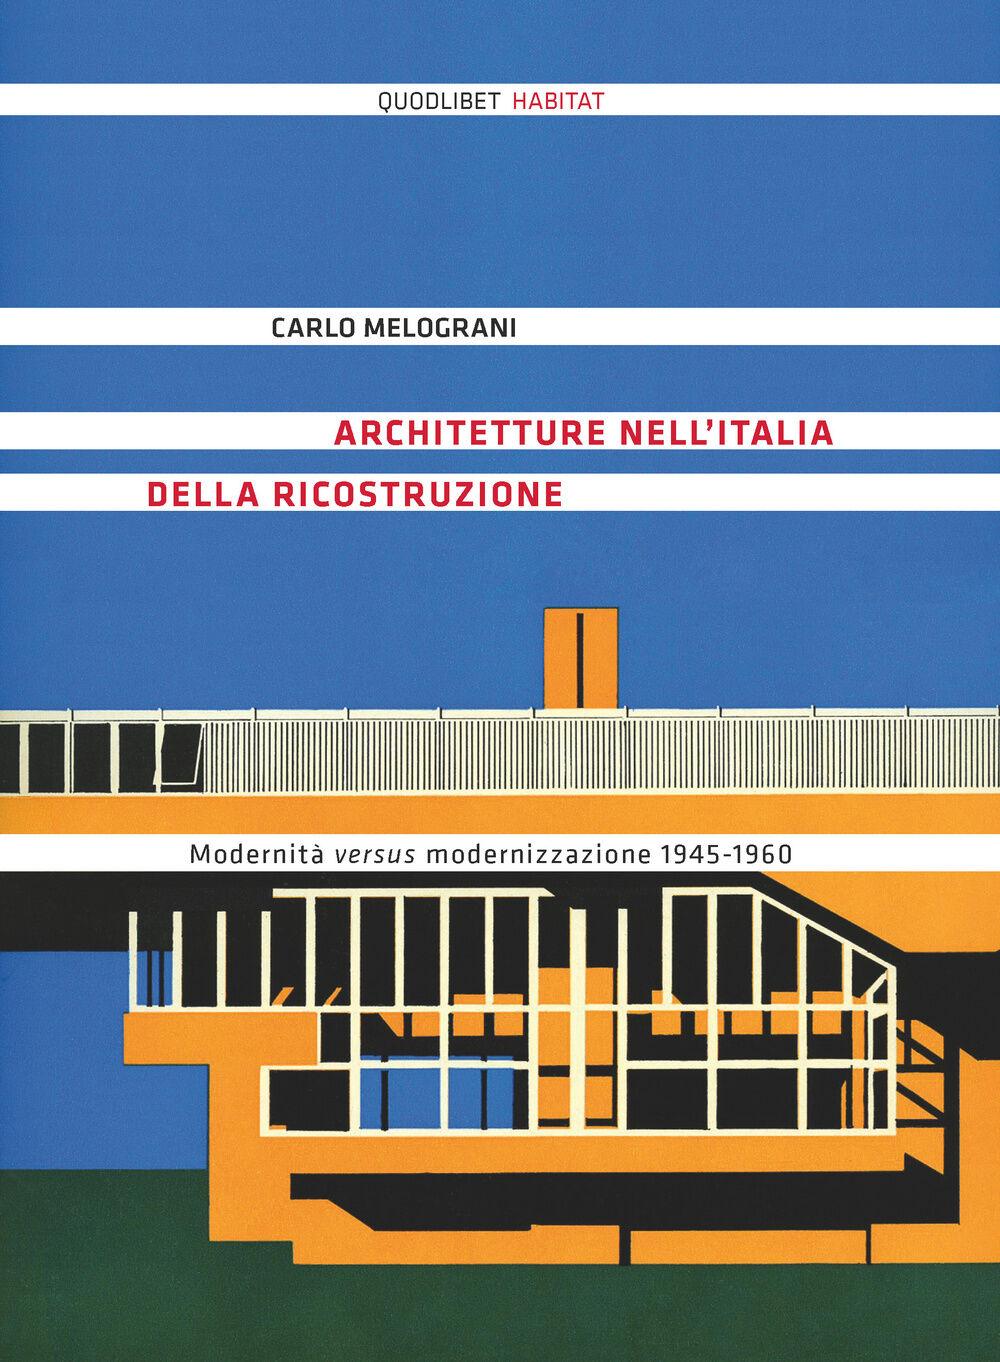 Architetture nell'Italia della ricostruzione. Modernità versus modernizzazione 1945-1960